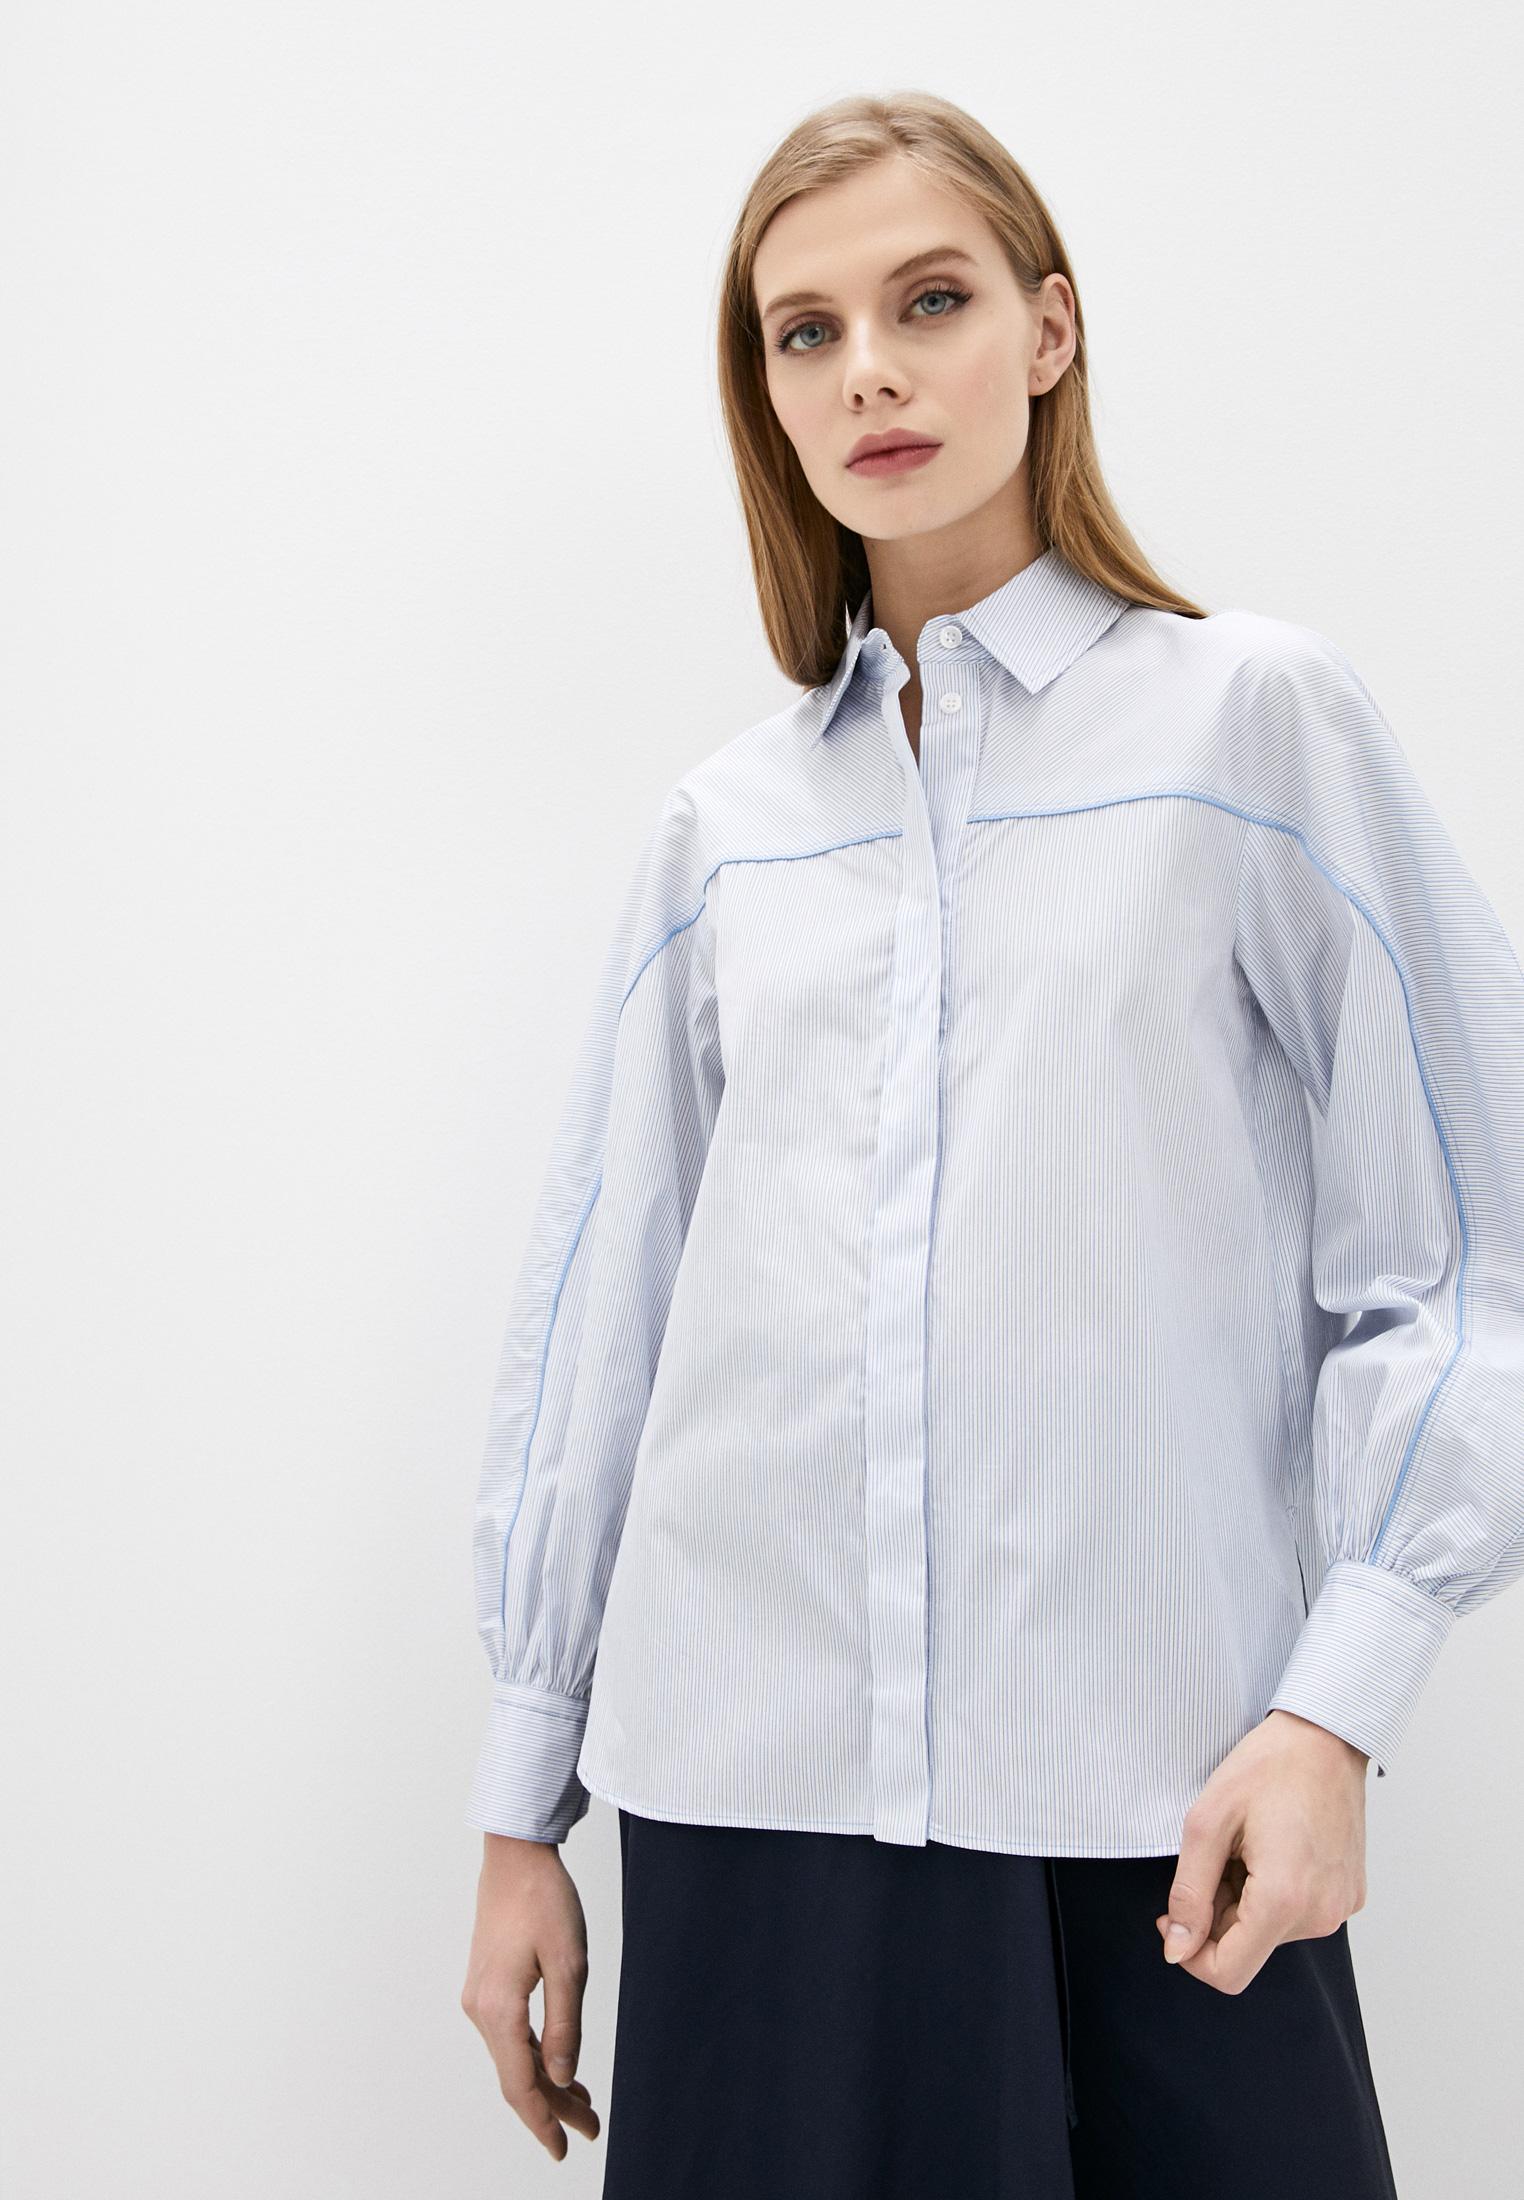 Женские рубашки с длинным рукавом Sportmax Code 7111030206